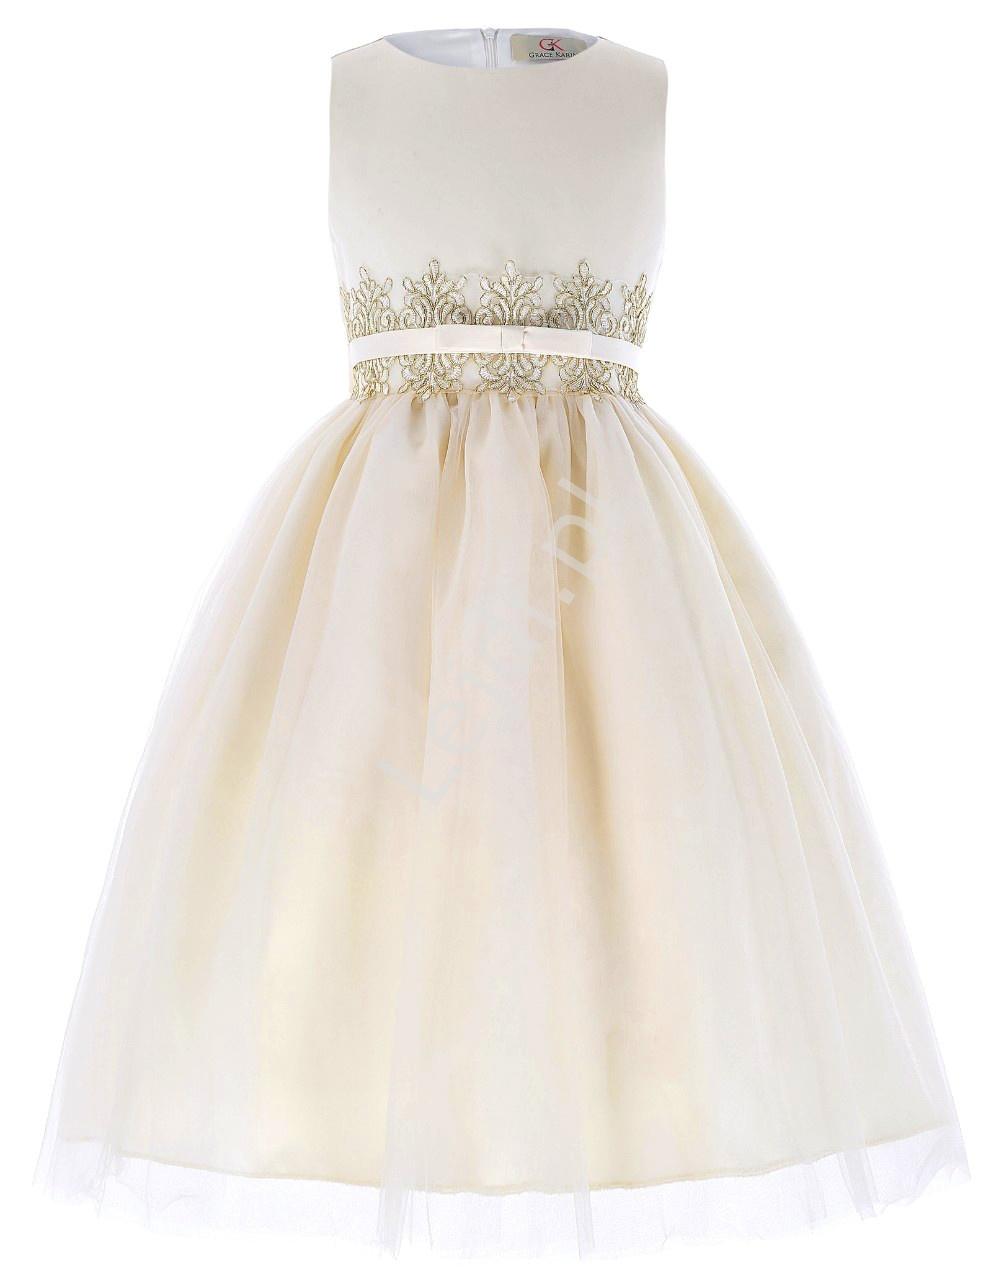 Kremowo brzoskwiniowa sukienka z koronka w pasie | sukienki dla dziewczynek - Lejdi